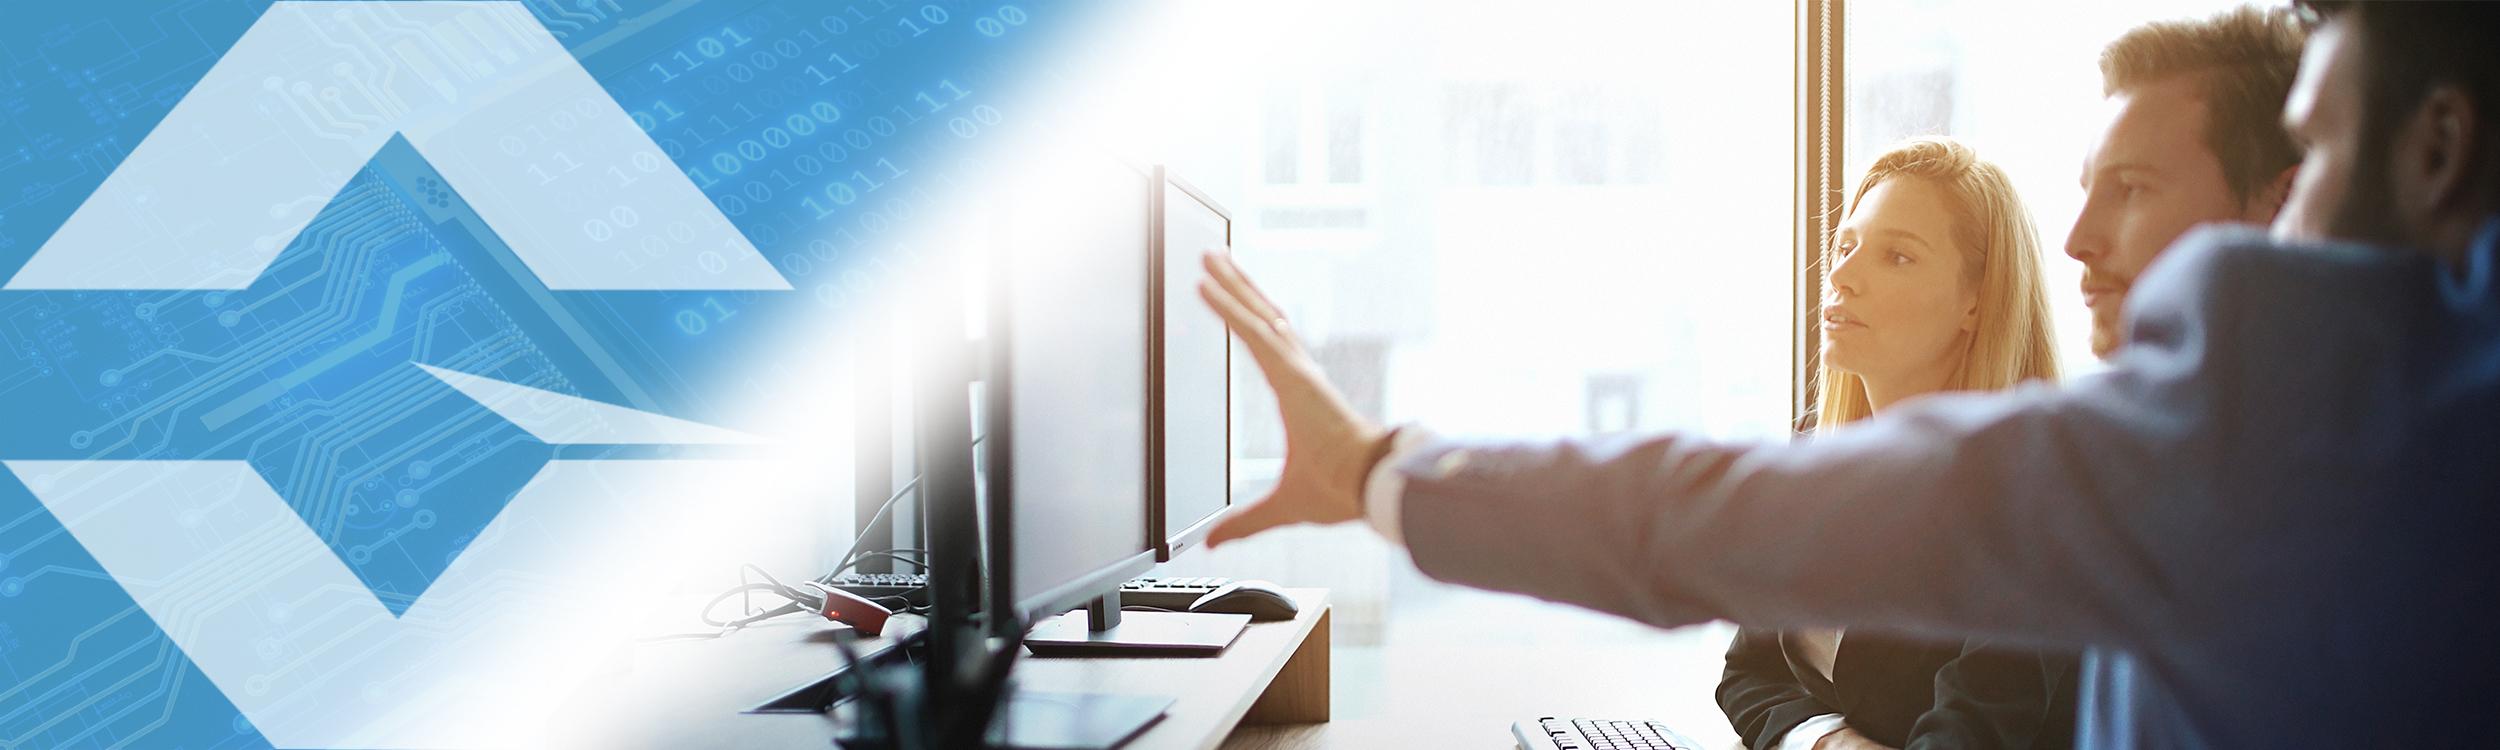 Gloresoft, Recruiting indische Java-Entwickler auf Zeit; drei junge Leute vor Computerbildschirm